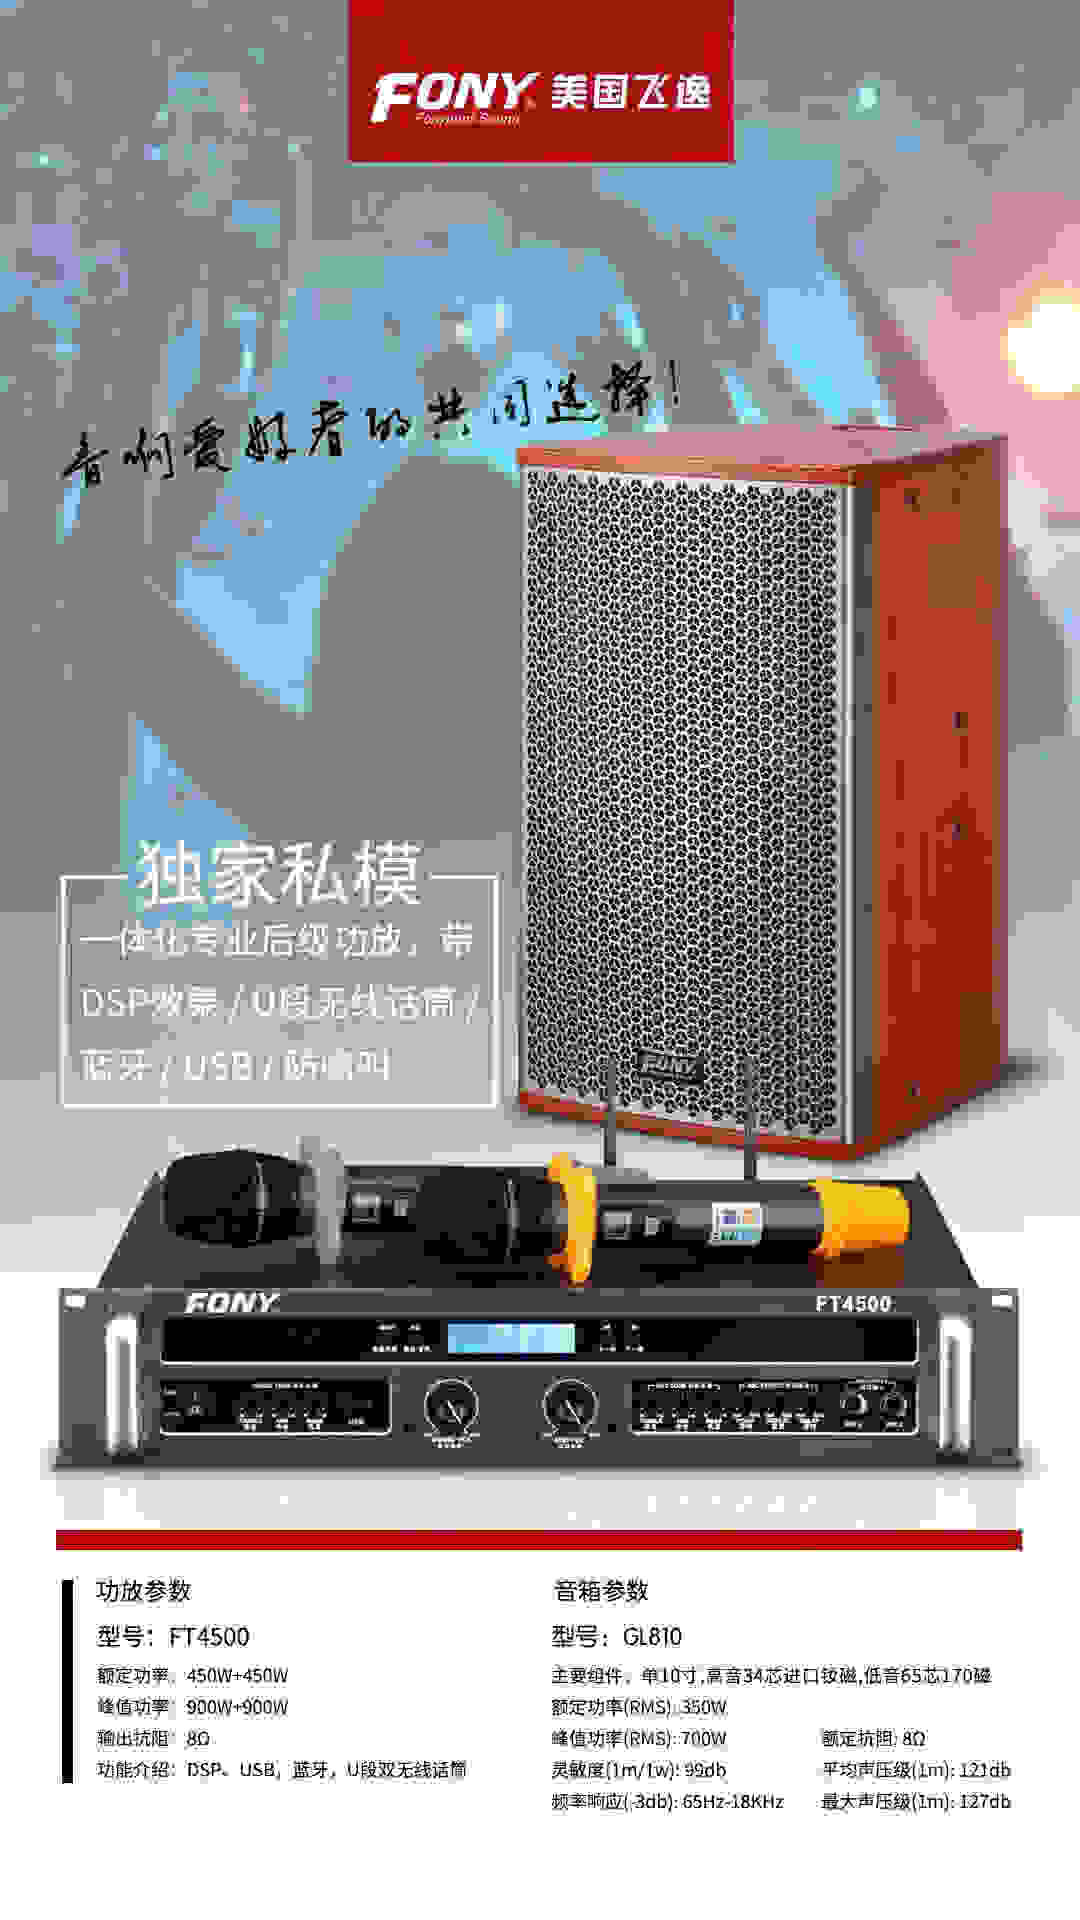 FT4500 GL810.jpg